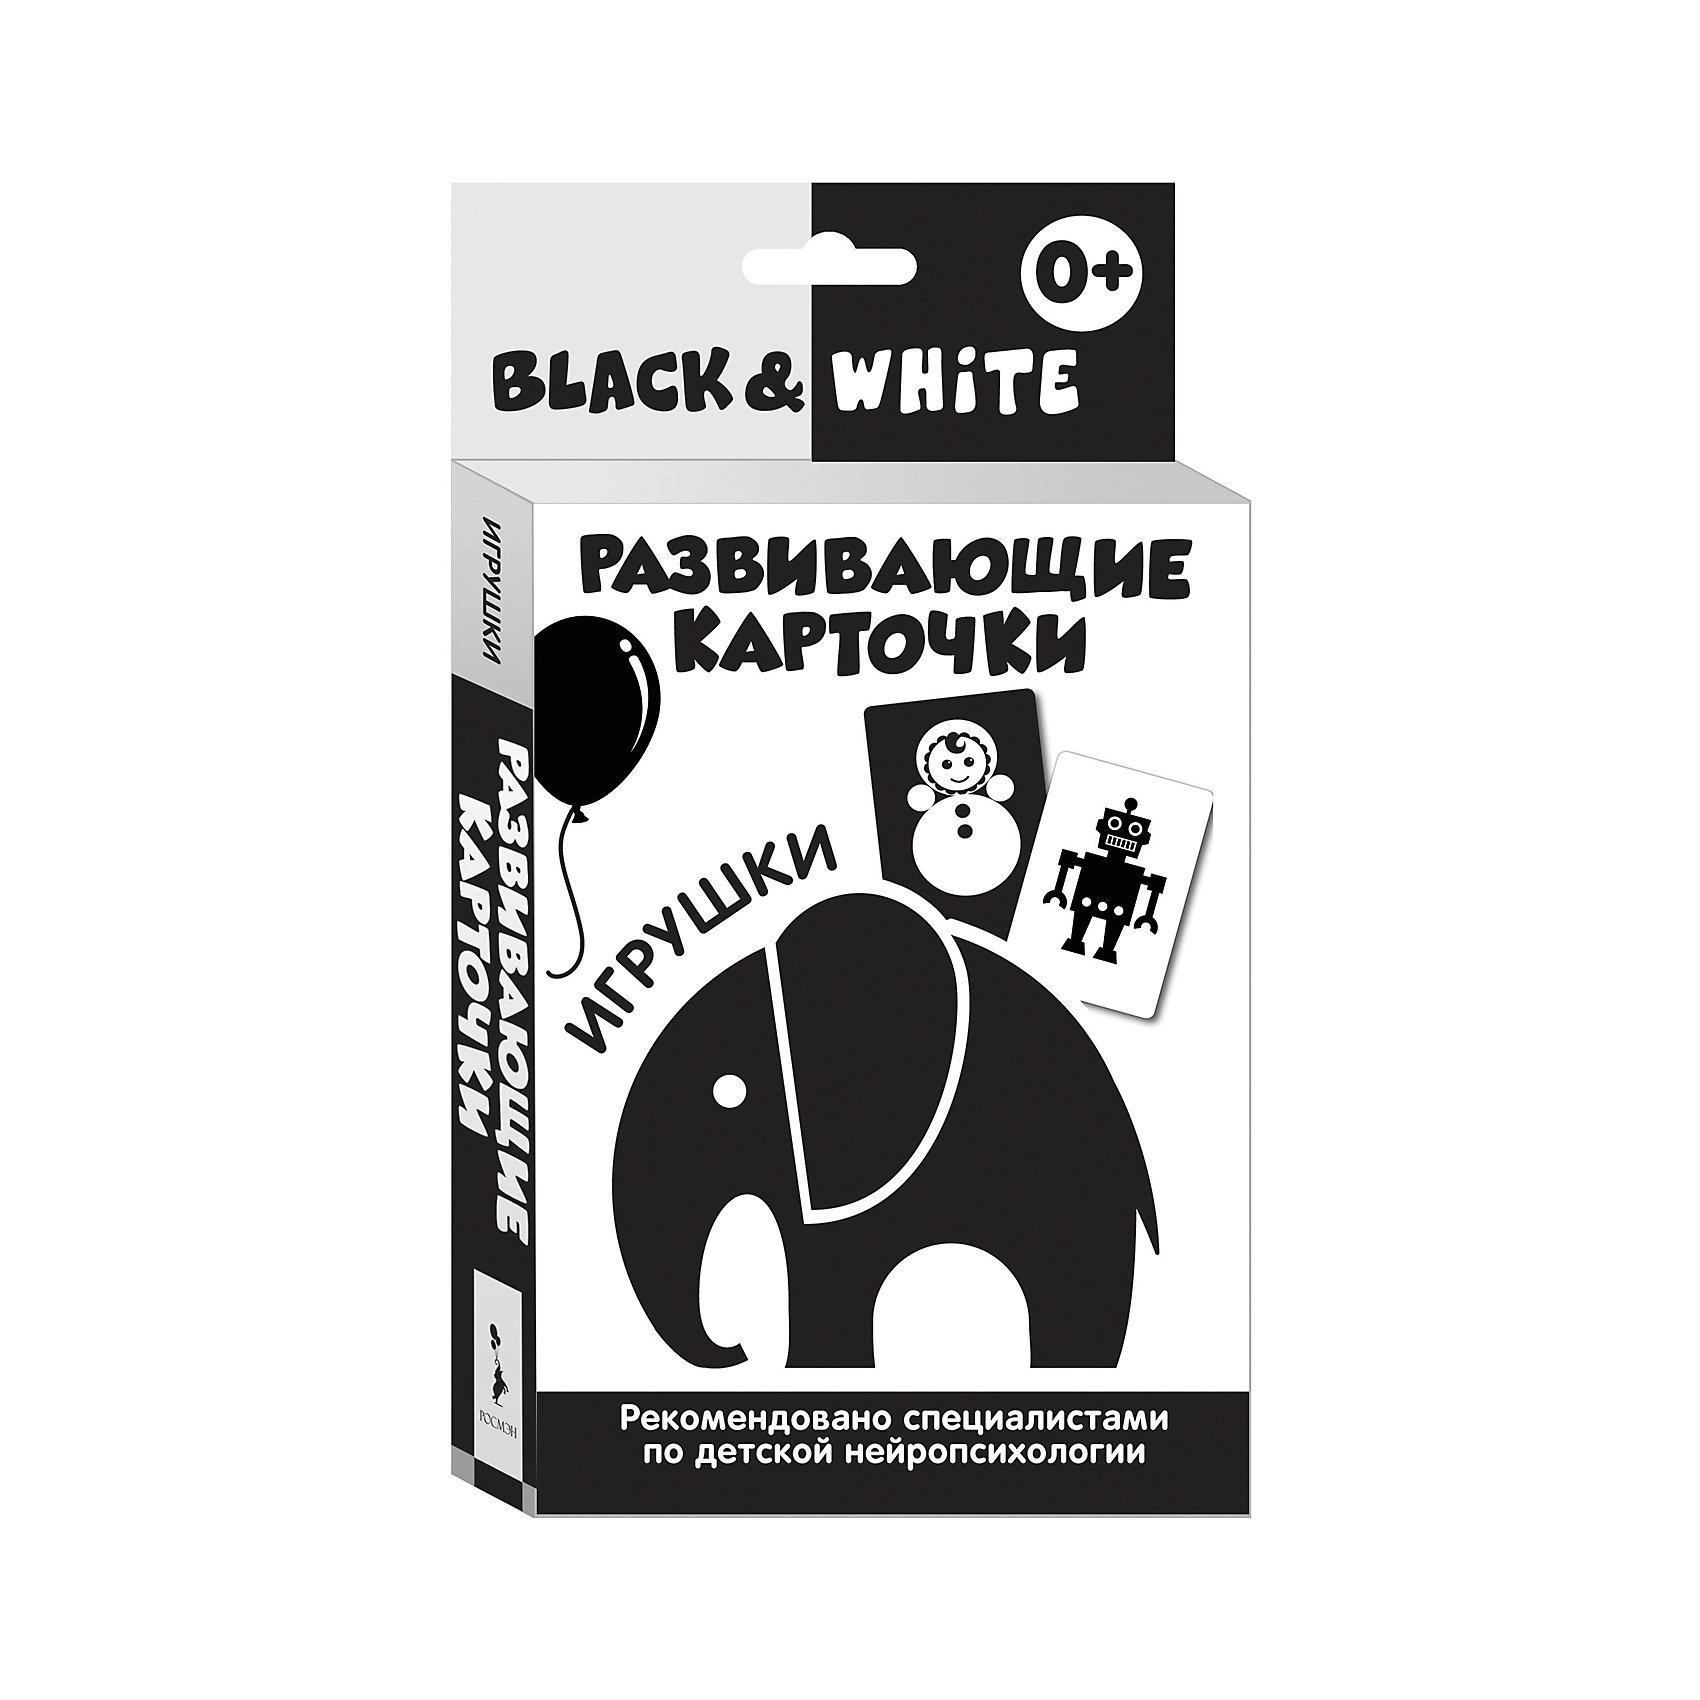 Развивающие карточки Black &amp; White. ИгрушкиРосмэн<br>Характеристики товара:<br><br>- цвет: черно-белый;<br>- материал: бумага;<br>- количество карточек: 16;<br>- формат: 20,0 x 11,2 см;<br>- возраст: 0+;<br>- обложка: картонная коробка.<br><br>Развивающие карточки – отличный вариант для раннего обучения ребенка и дальнейшей его подготовке школе. Набор тренирует зрительную память и восприятие. Комплект содержит 16 карточек с контрастными изображениями из картона. В наборе есть инструкция для родителей, разработанная специализированными нейропсихологами. Все материалы, использованные при производстве издания, соответствуют всем стандартам качества и безопасности. <br><br>Издание Развивающие карточки Black &amp; White. Игрушки от компании Росмэн можно приобрести в нашем интернет-магазине.<br><br>Ширина мм: 200<br>Глубина мм: 112<br>Высота мм: 20<br>Вес г: 220<br>Возраст от месяцев: 0<br>Возраст до месяцев: 36<br>Пол: Унисекс<br>Возраст: Детский<br>SKU: 5109864